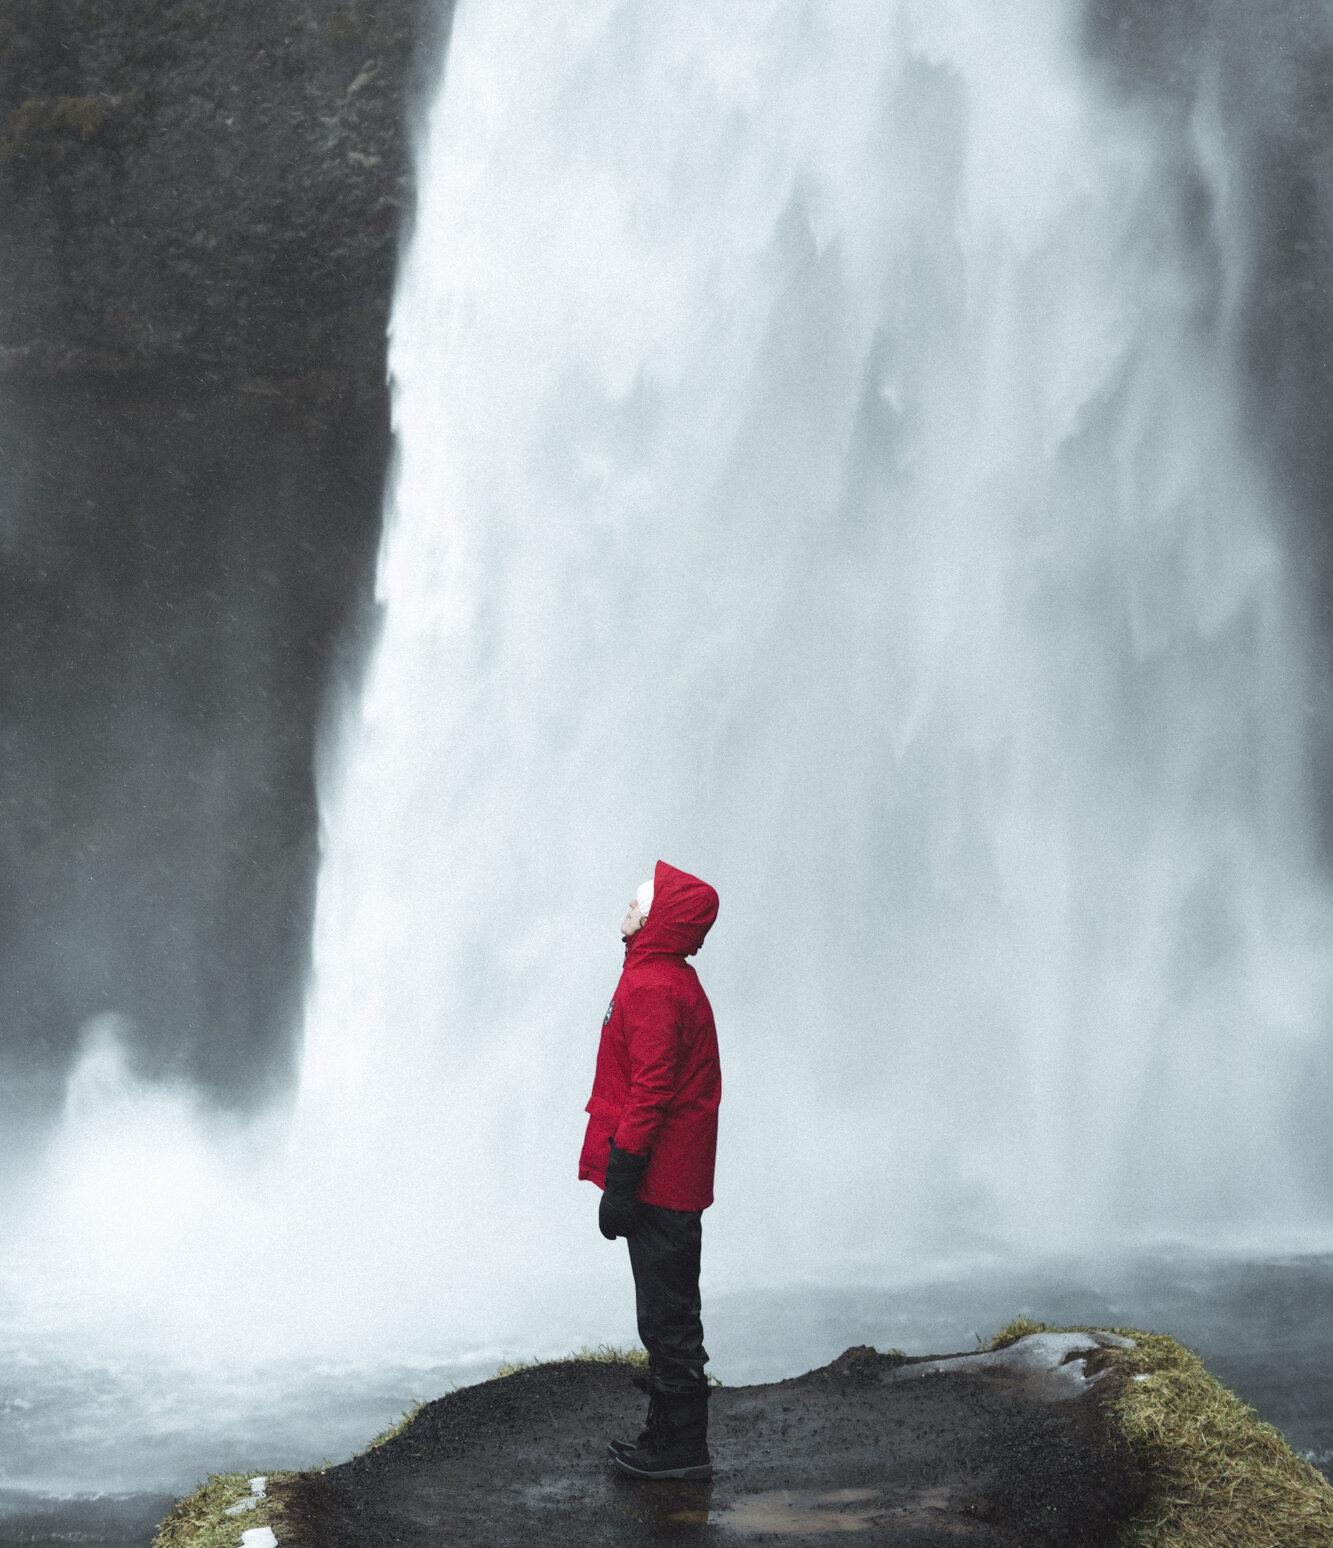 一个穿着红色外套和冬衣的人凝视着冰岛的Seljalandsfoss瀑布